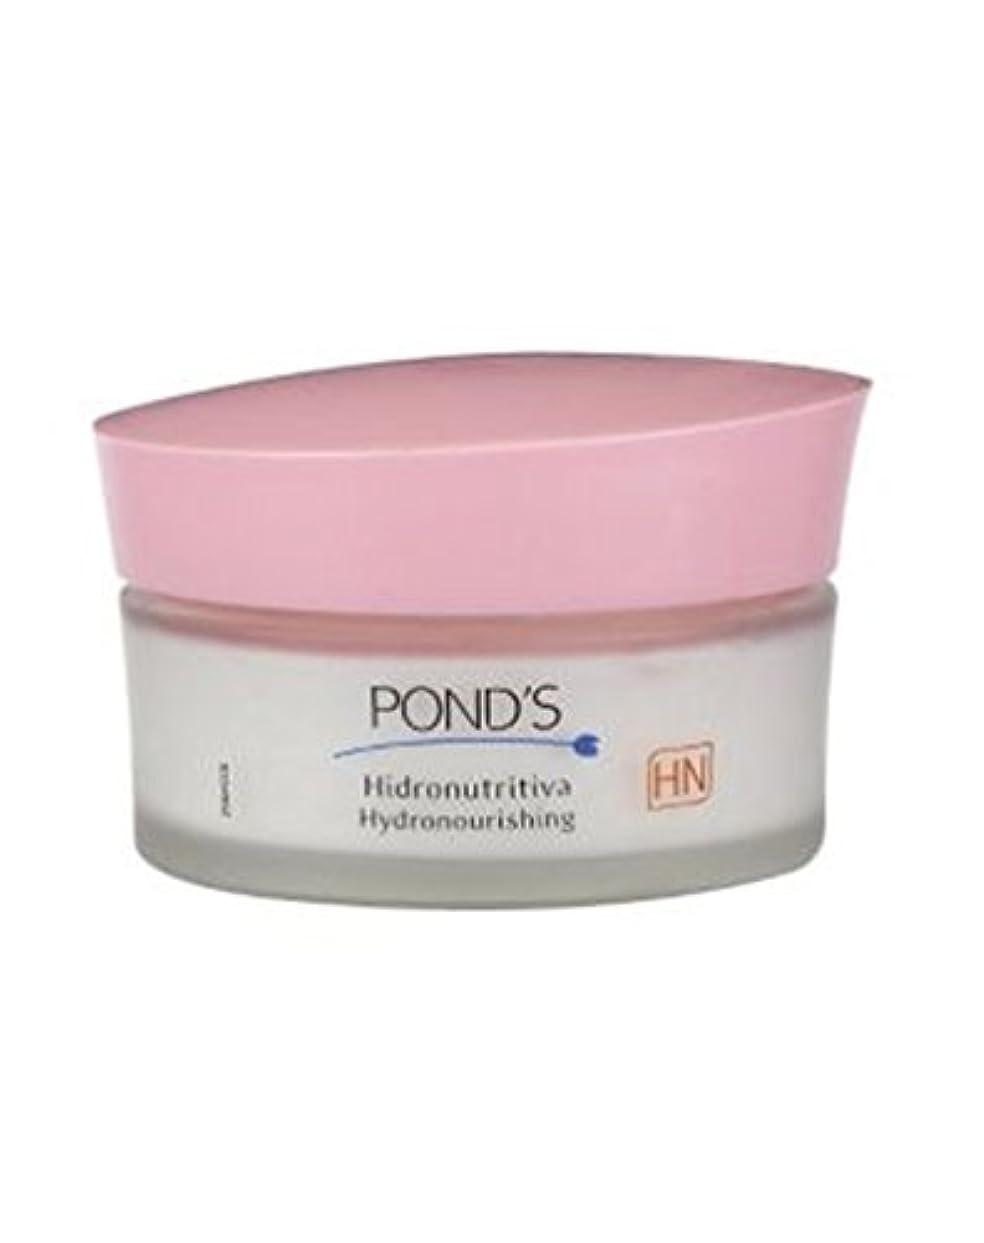 推定するバラバラにする鋸歯状アンチリンクルクリーム50ミリリットル栄養池 (Ponds) (x2) - Ponds Nourishing Anti-wrinkle Cream 50ml (Pack of 2) [並行輸入品]